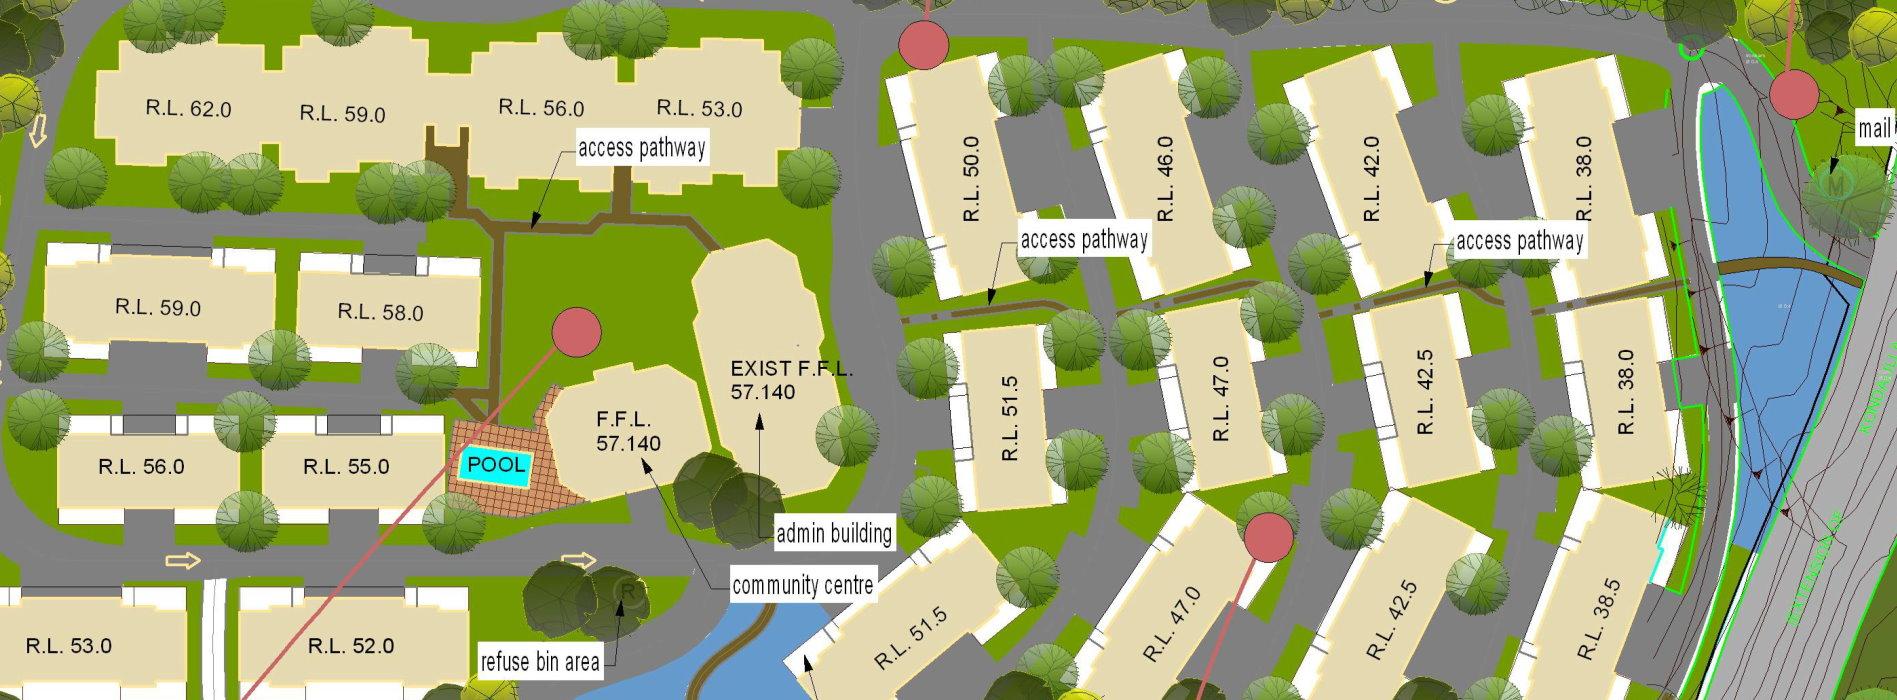 landscape layout plan